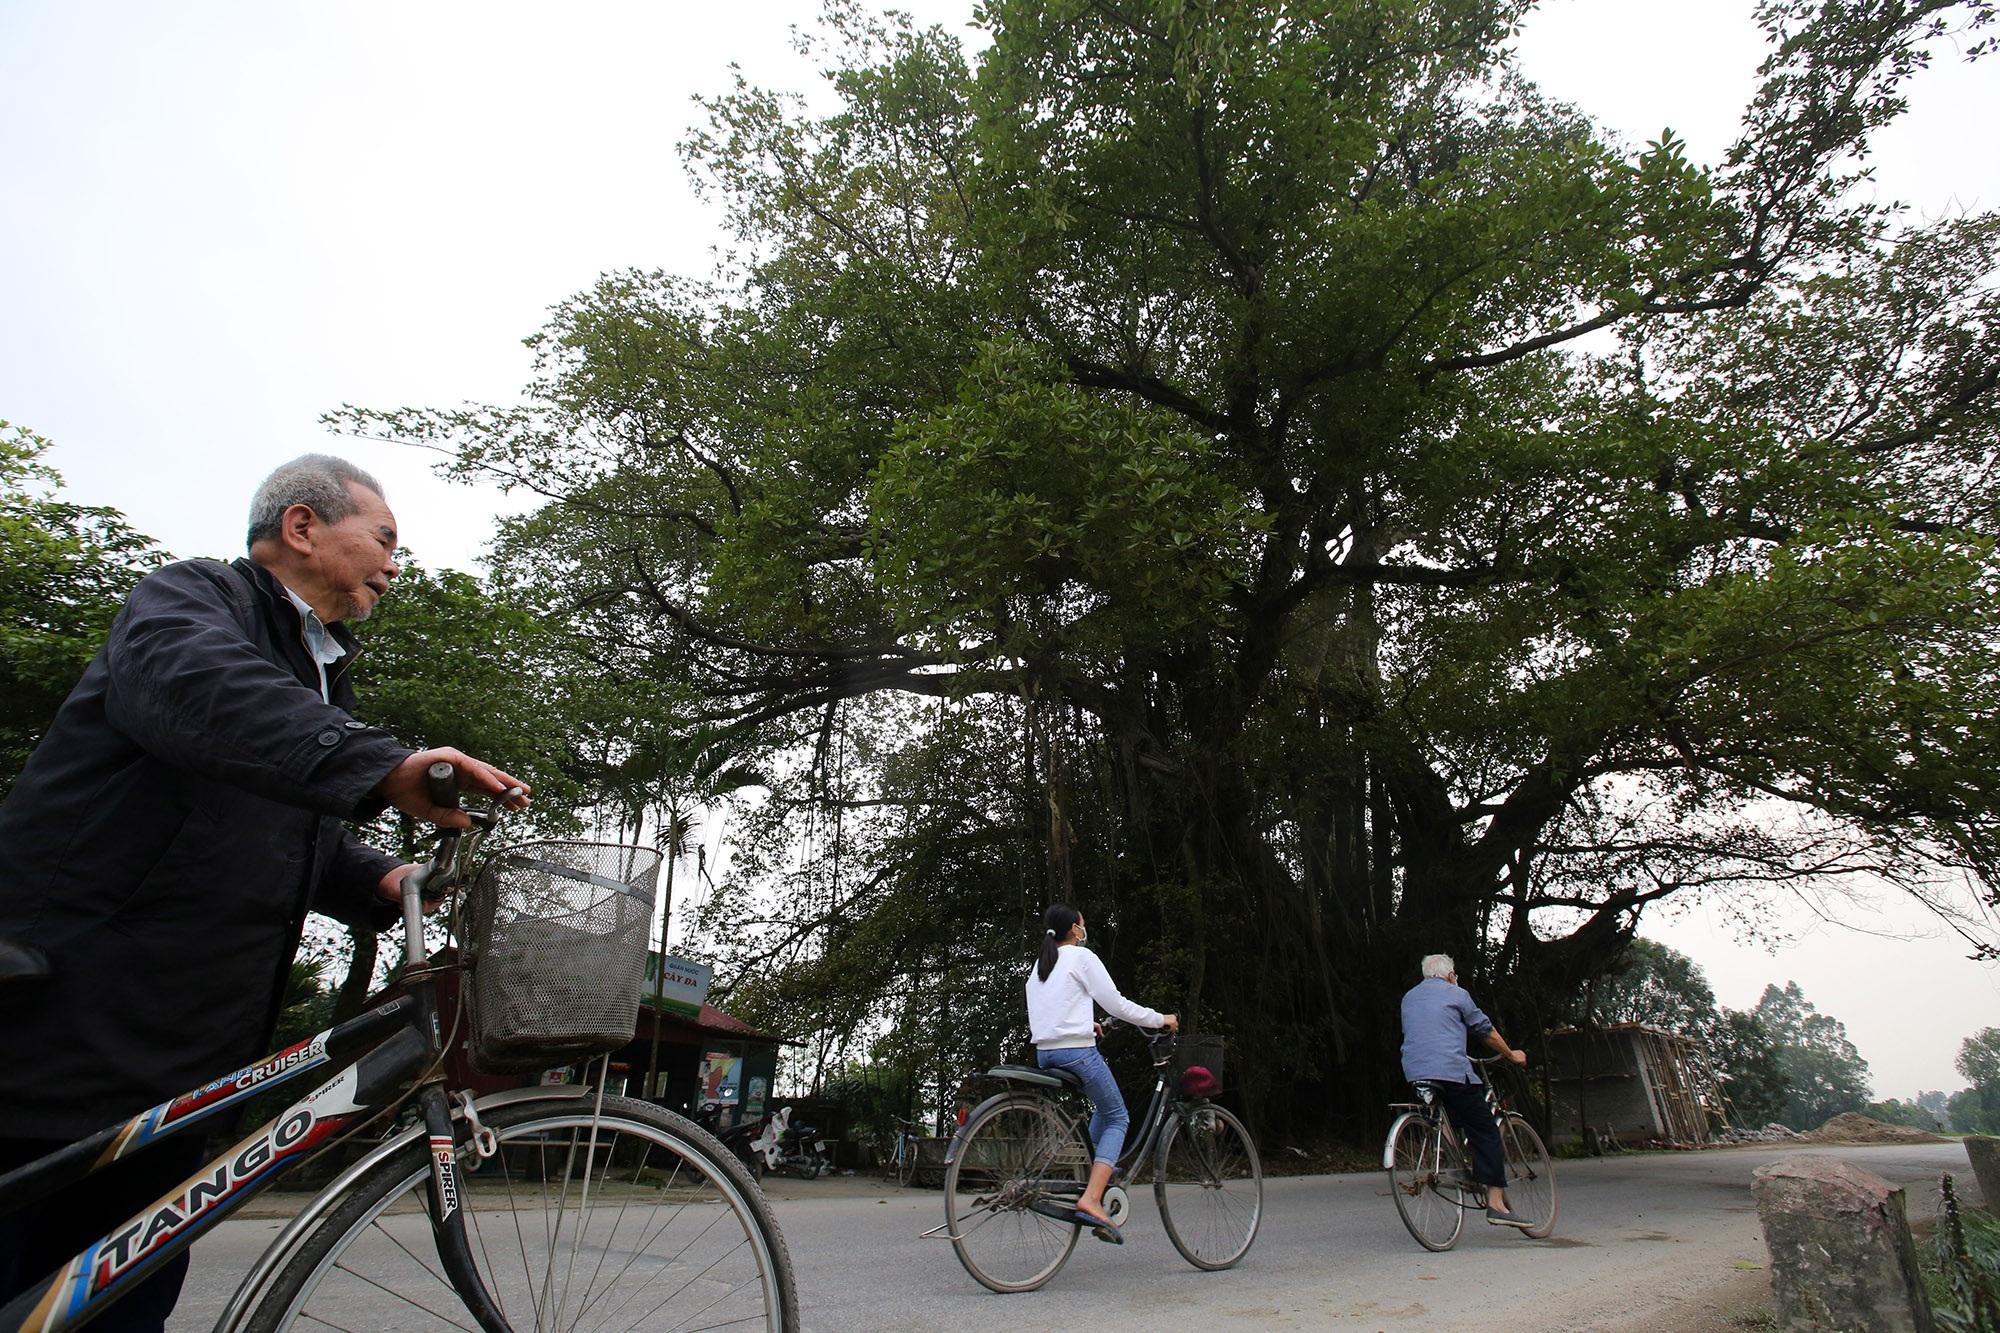 Chuyện ít người biết về cây đa khổng lồ ở xã Viên Nội - 15